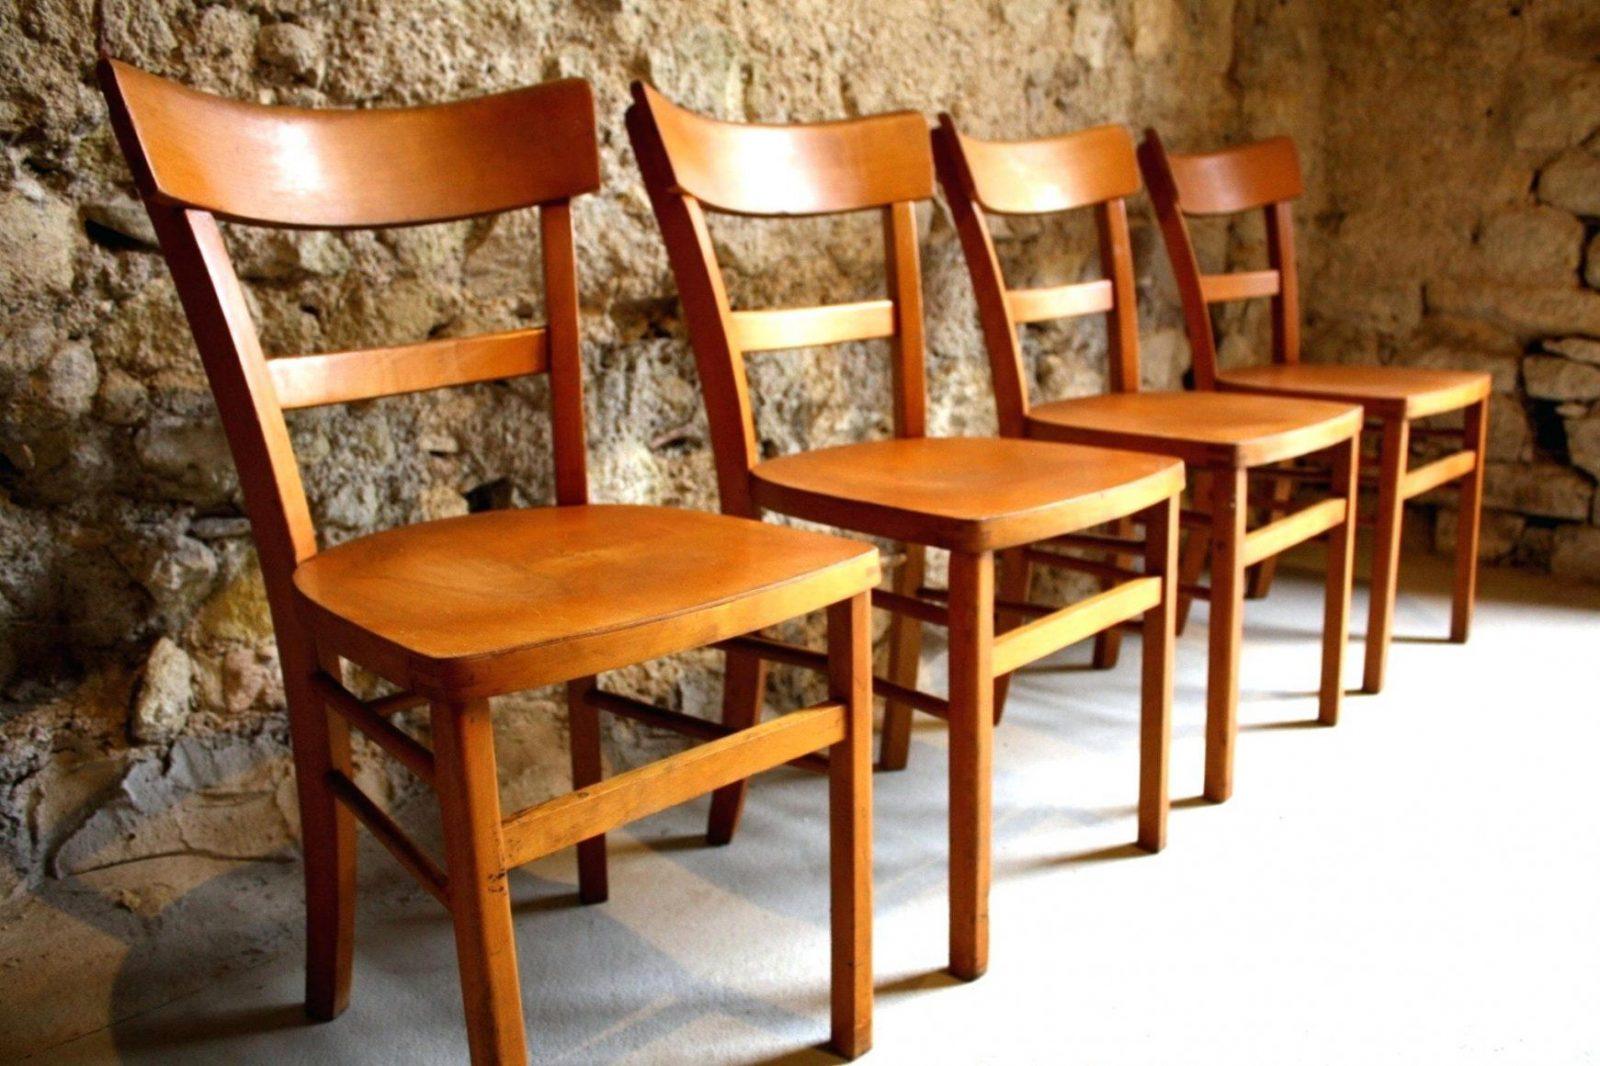 Gebrauchte Tische Und Stühle Für Gastronomie Beautiful Top Ergebnis von Tische Und Stühle Für Gastronomie Gebraucht Photo